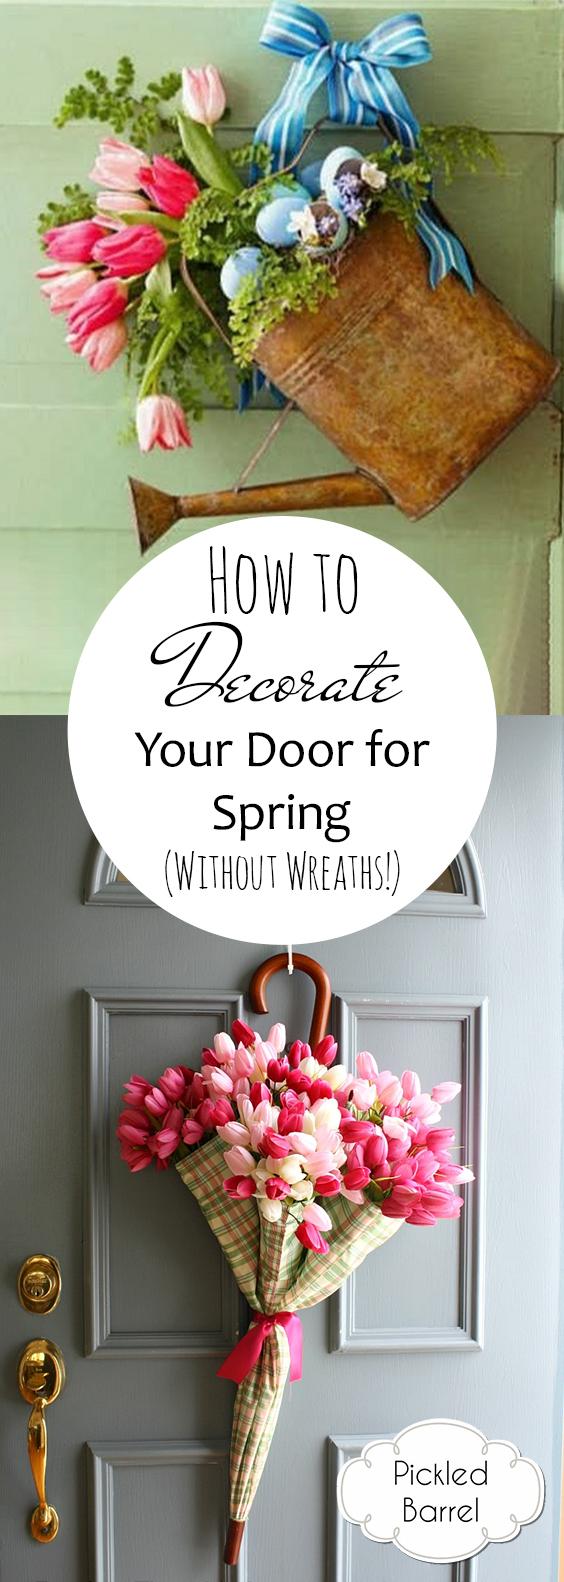 Spring porch, Spring Porch Decor, Decor For Spring, How to Decorate Your Porch For Spring, Porch Decor Ideas, Holiday Porch, Spring, Spring Decor, How to Decorate For Spring, Spring Decor DIYs.